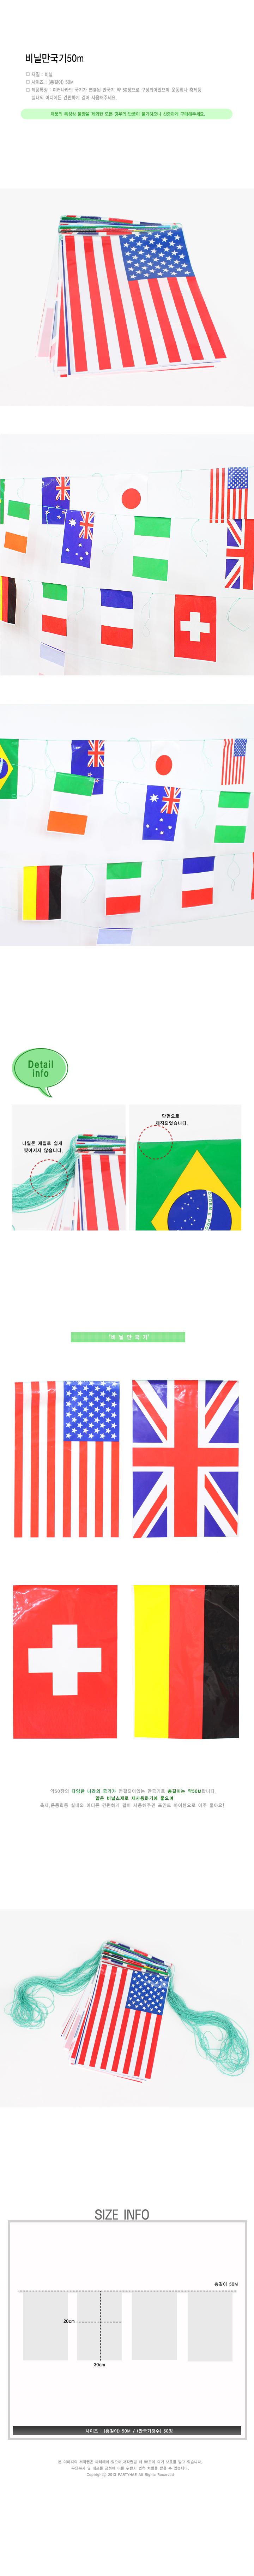 비닐만국기-50미터 - 파티해, 5,000원, 파티용품, 가랜드/배너/현수막